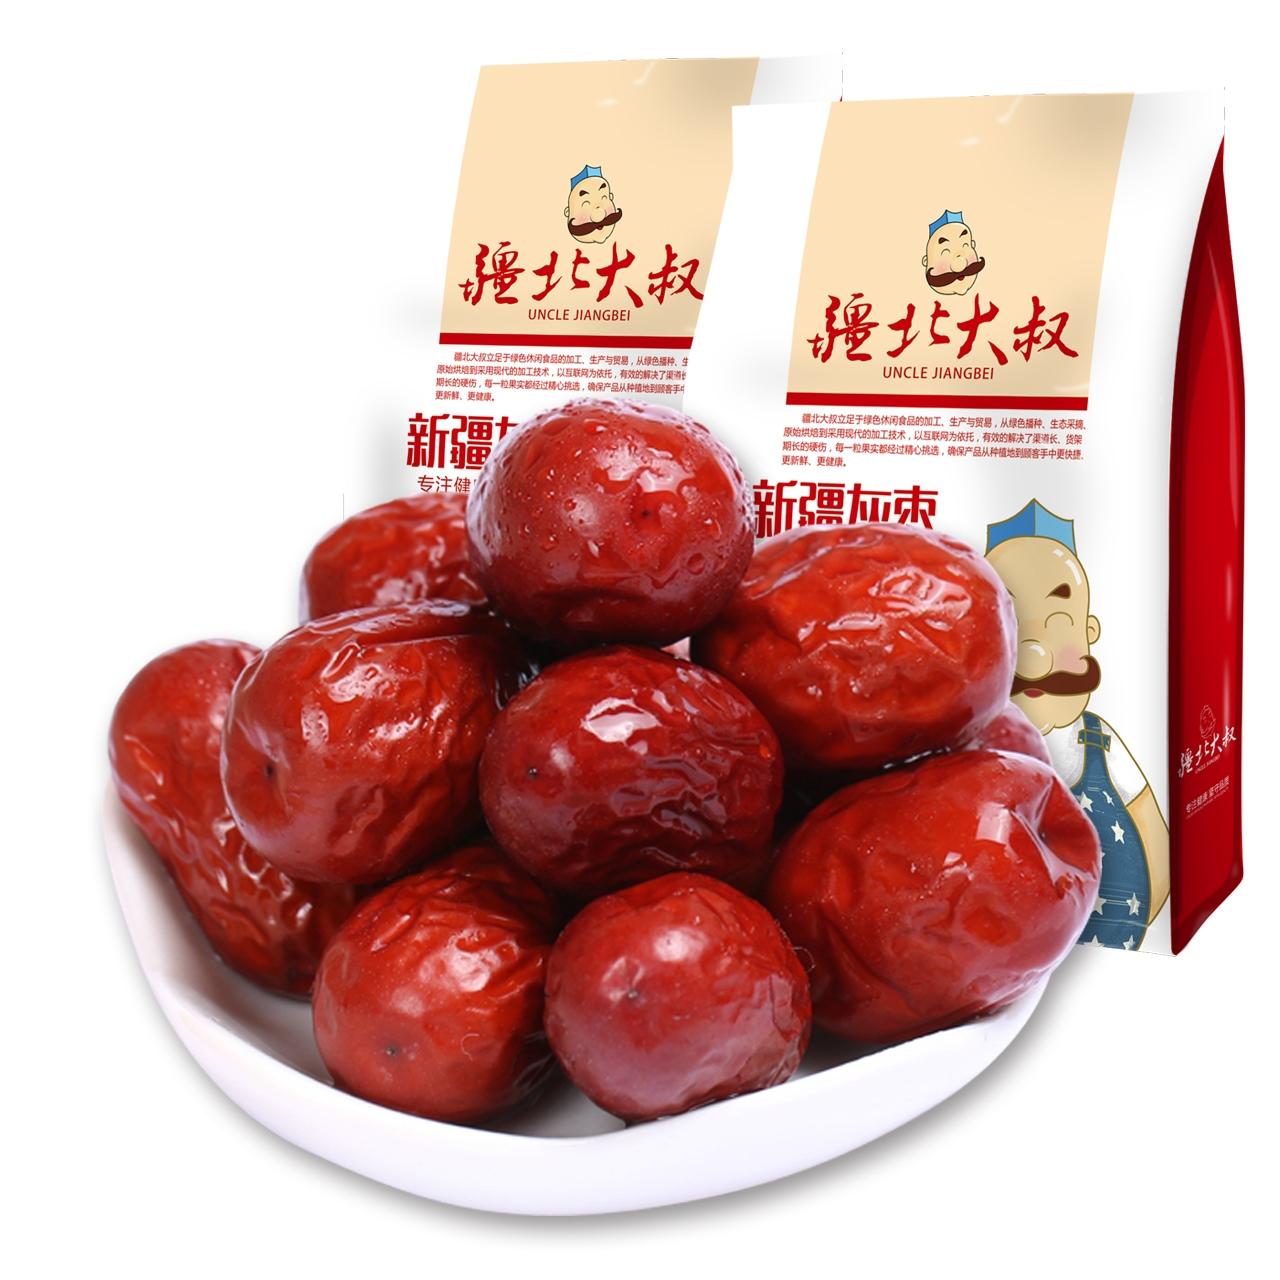 新疆特产 红枣 阿克苏灰枣 1000g